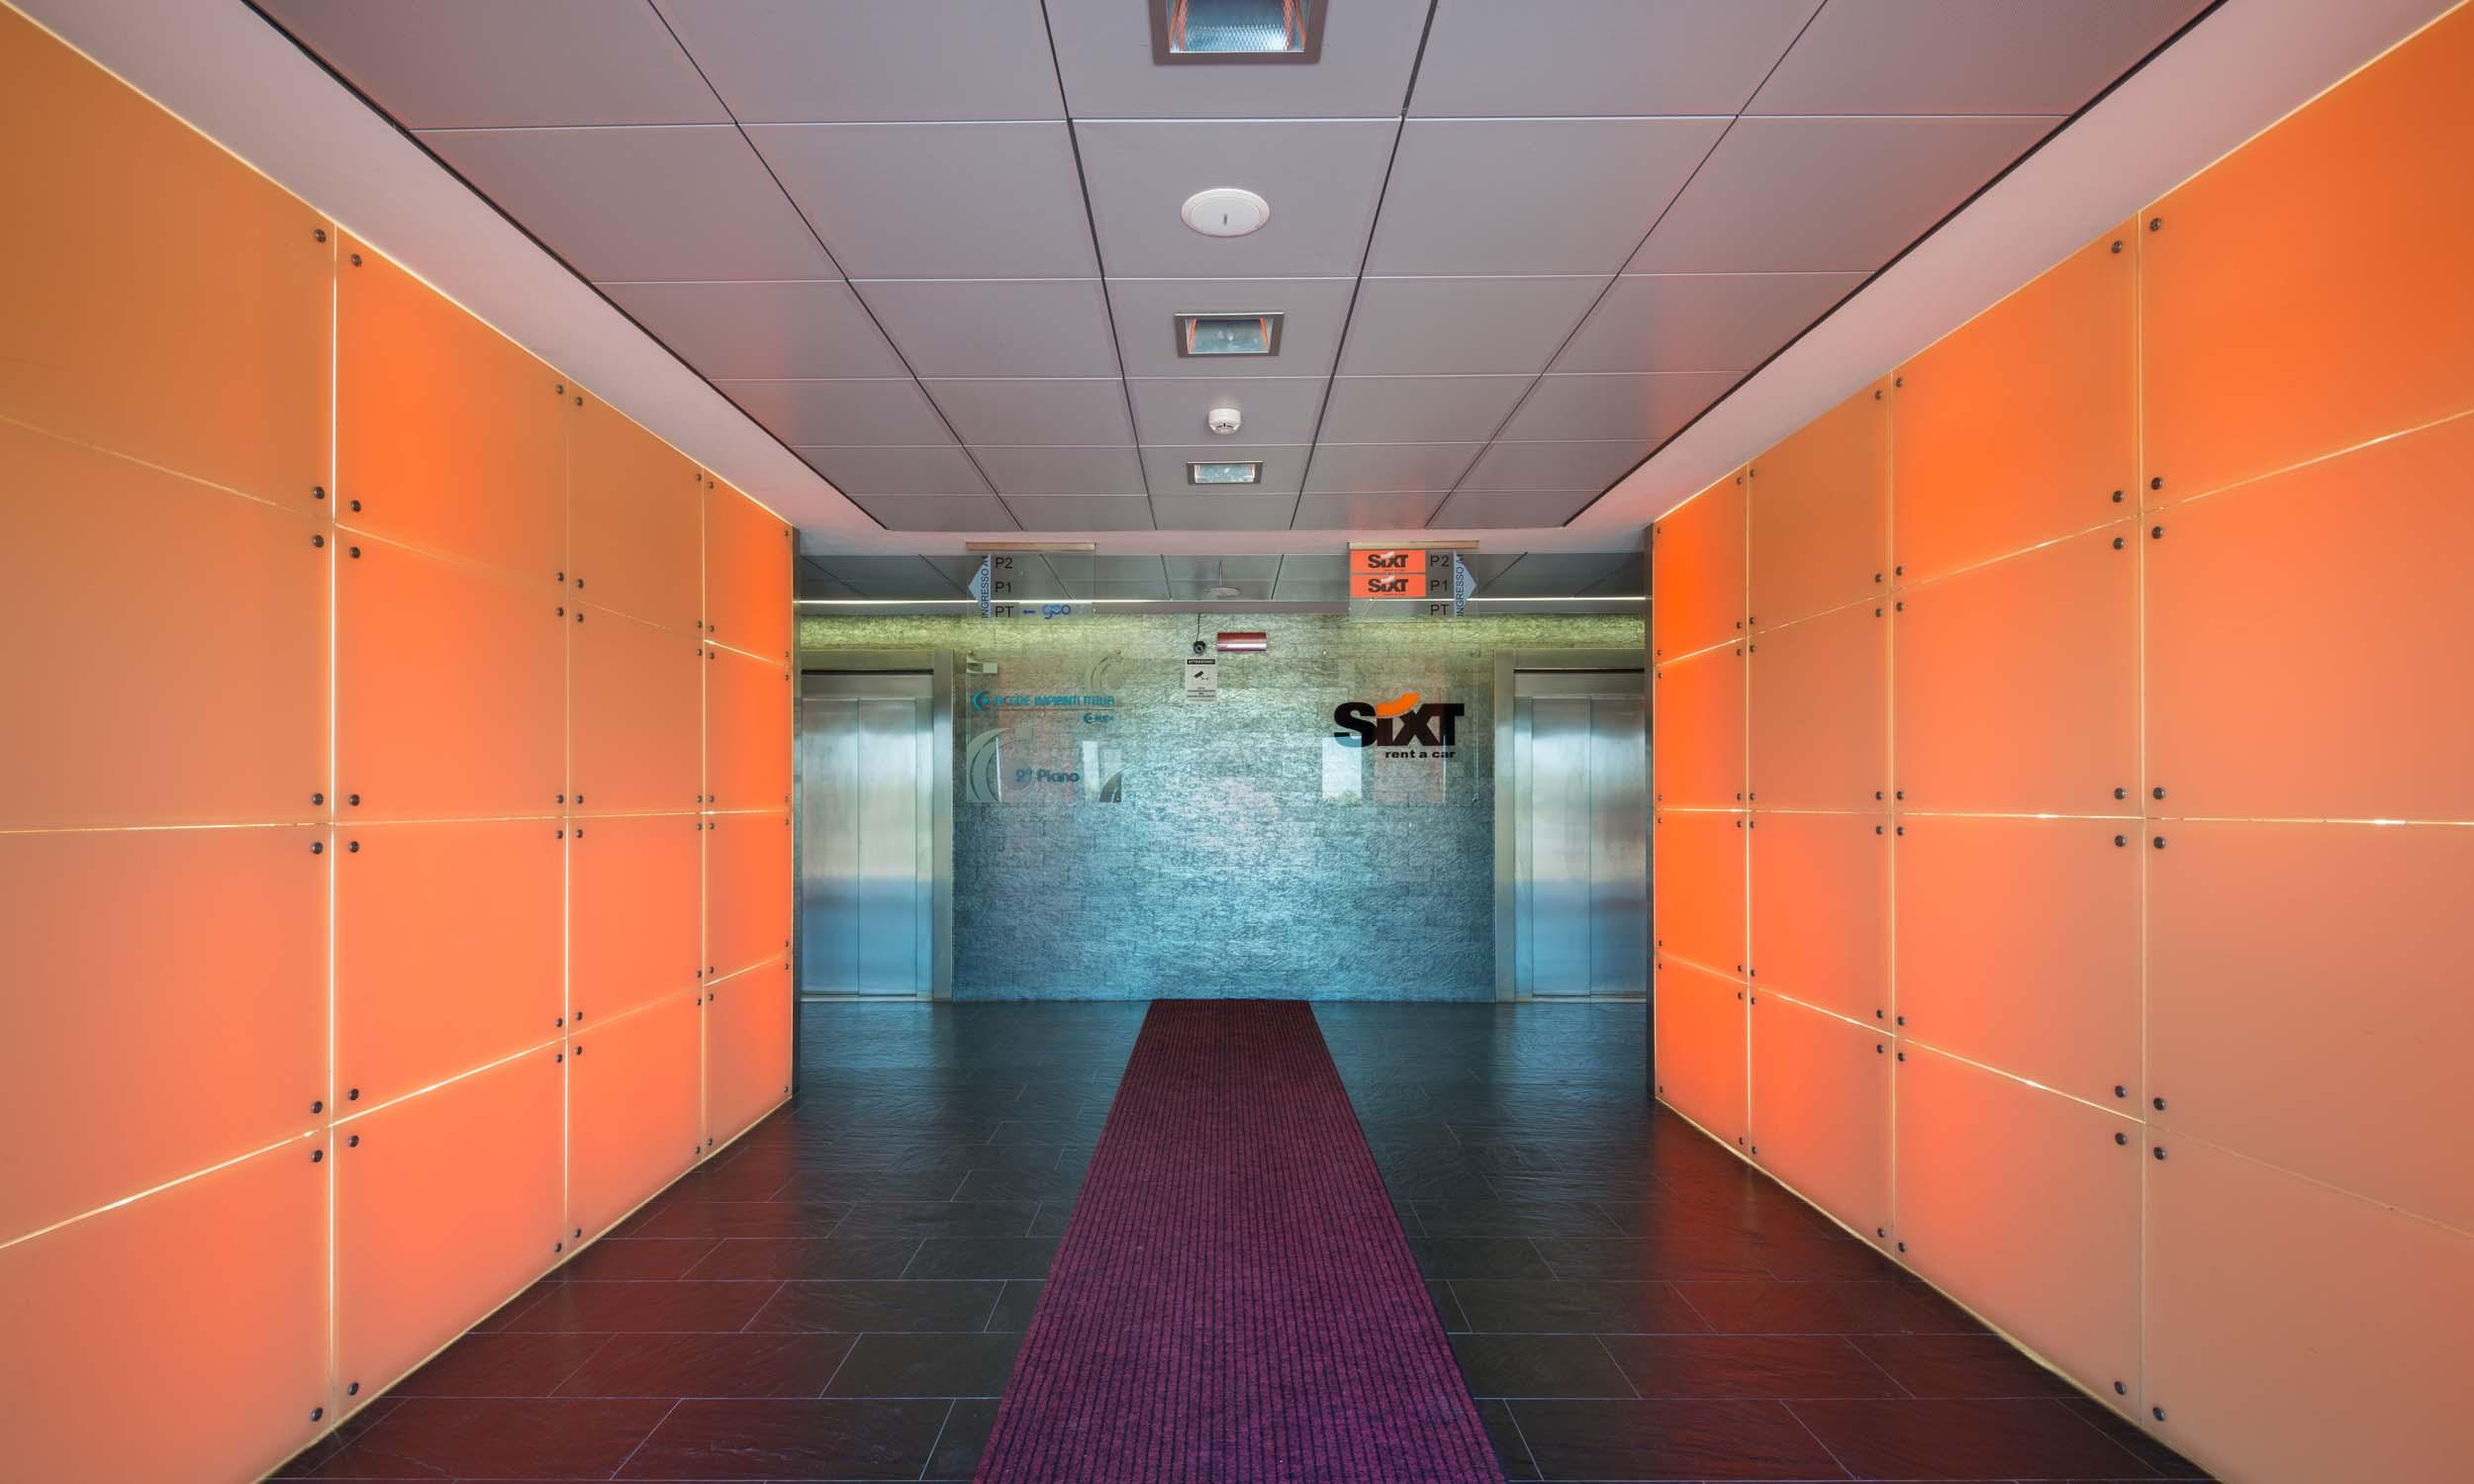 studio-architettura-interior-office-design-uffici-roma-fad-forniti-12